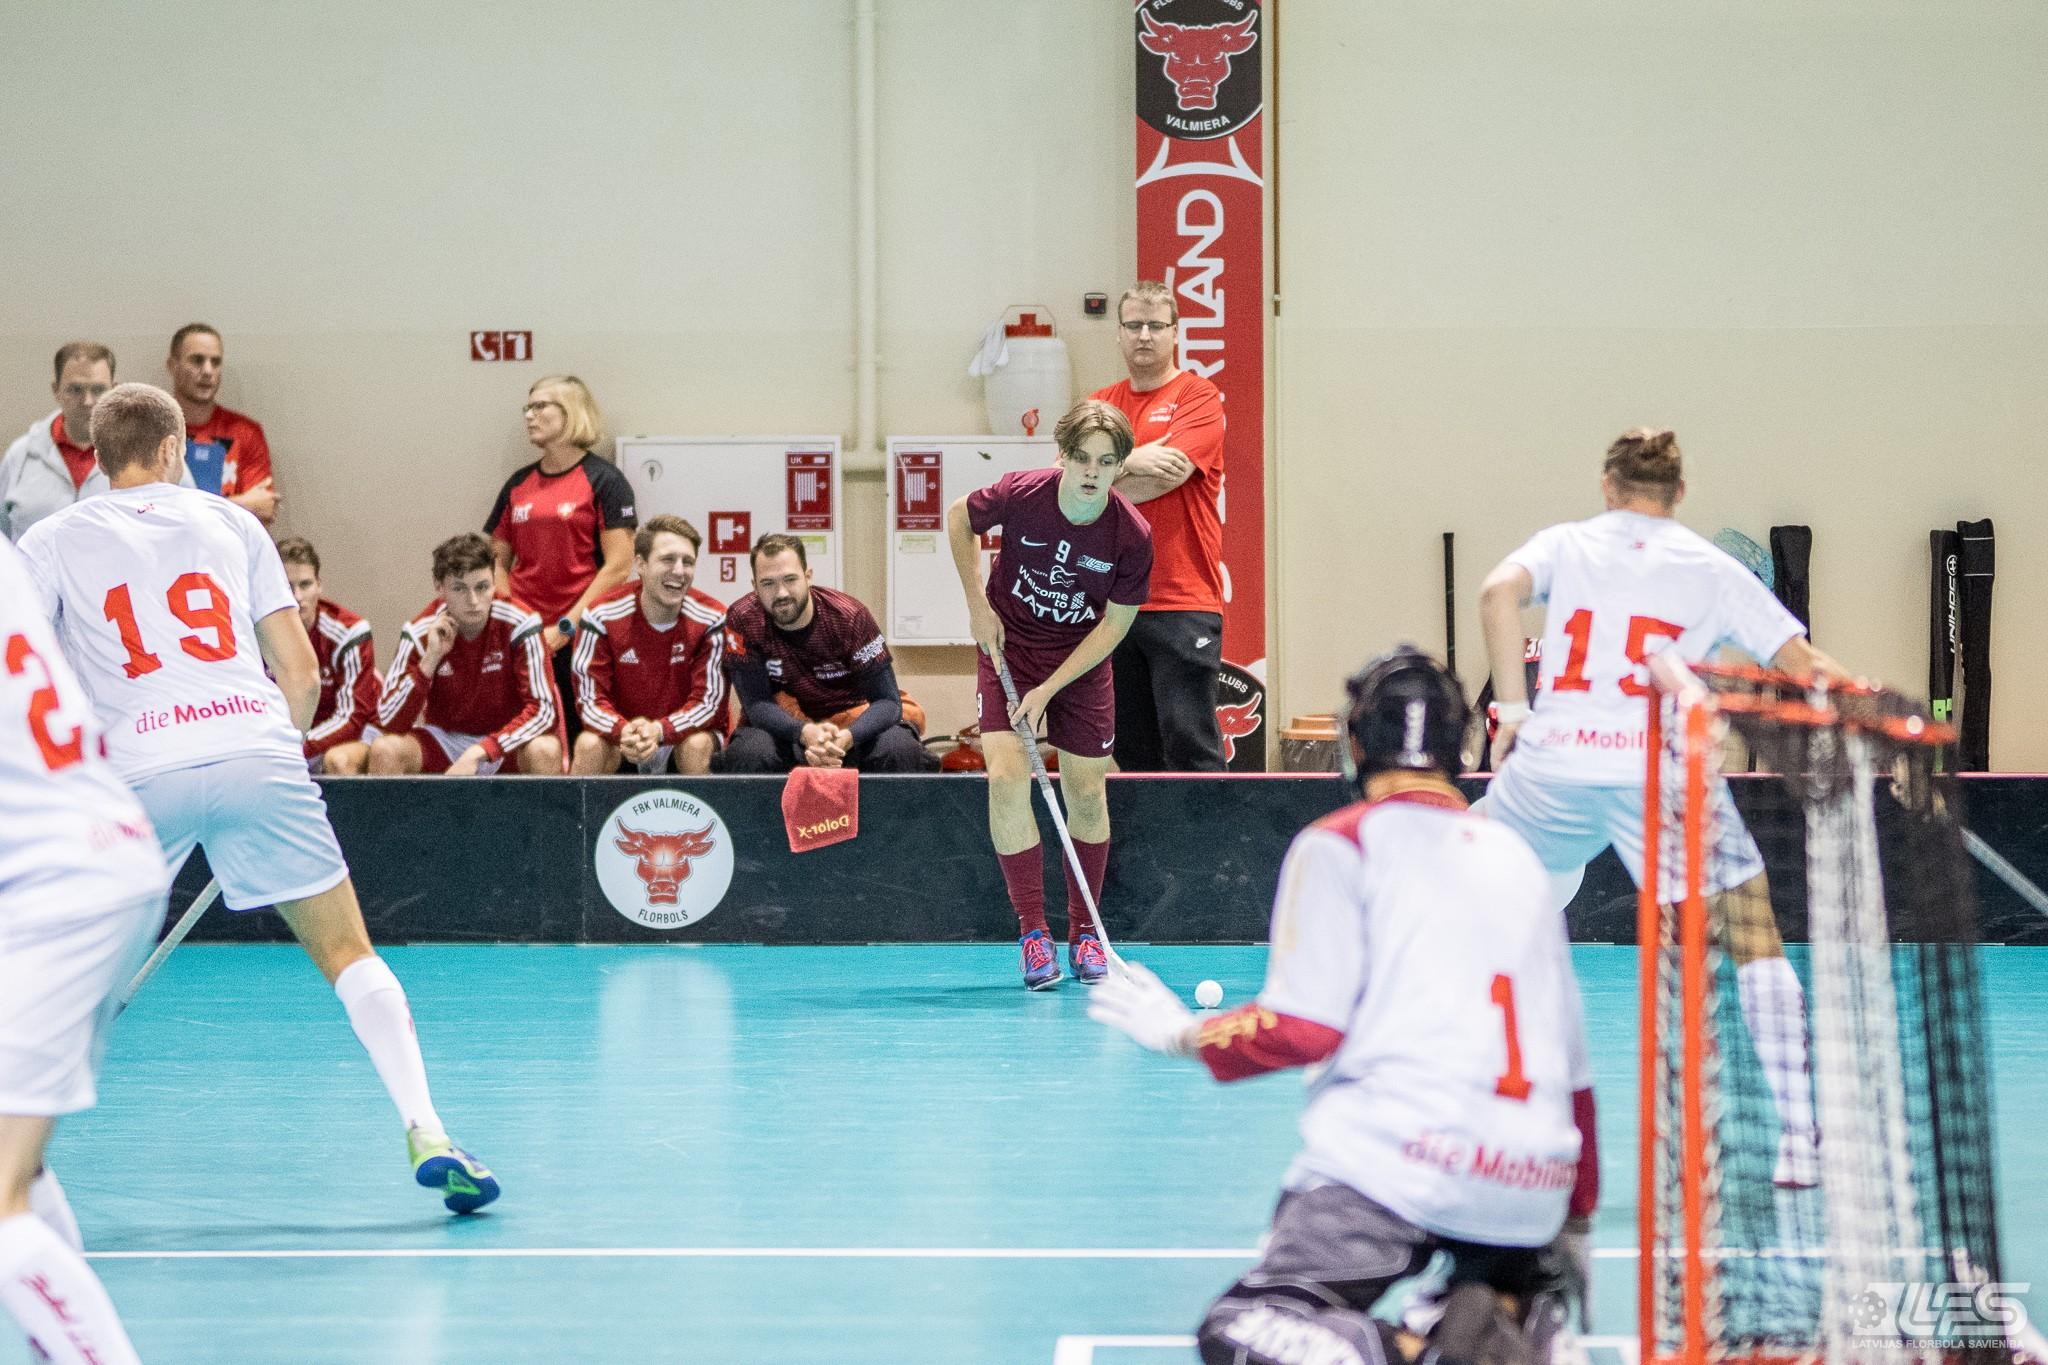 Izlase piekāpjas šveiciešiem, debitantam Savinam divi vārti